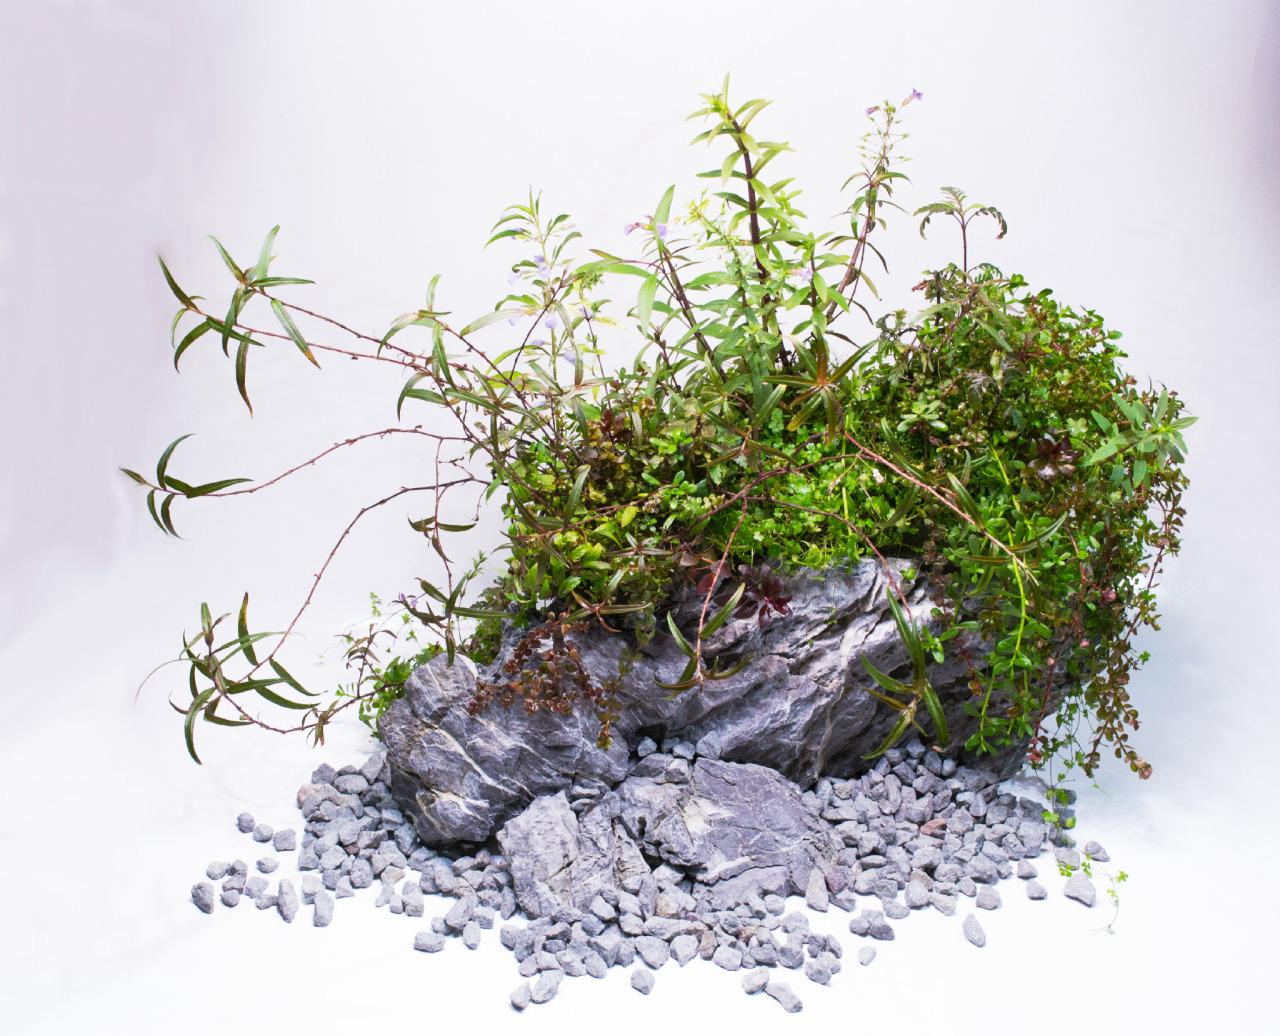 Rất nhiều cây thủy sinh được kết hợp trong Wabikusa